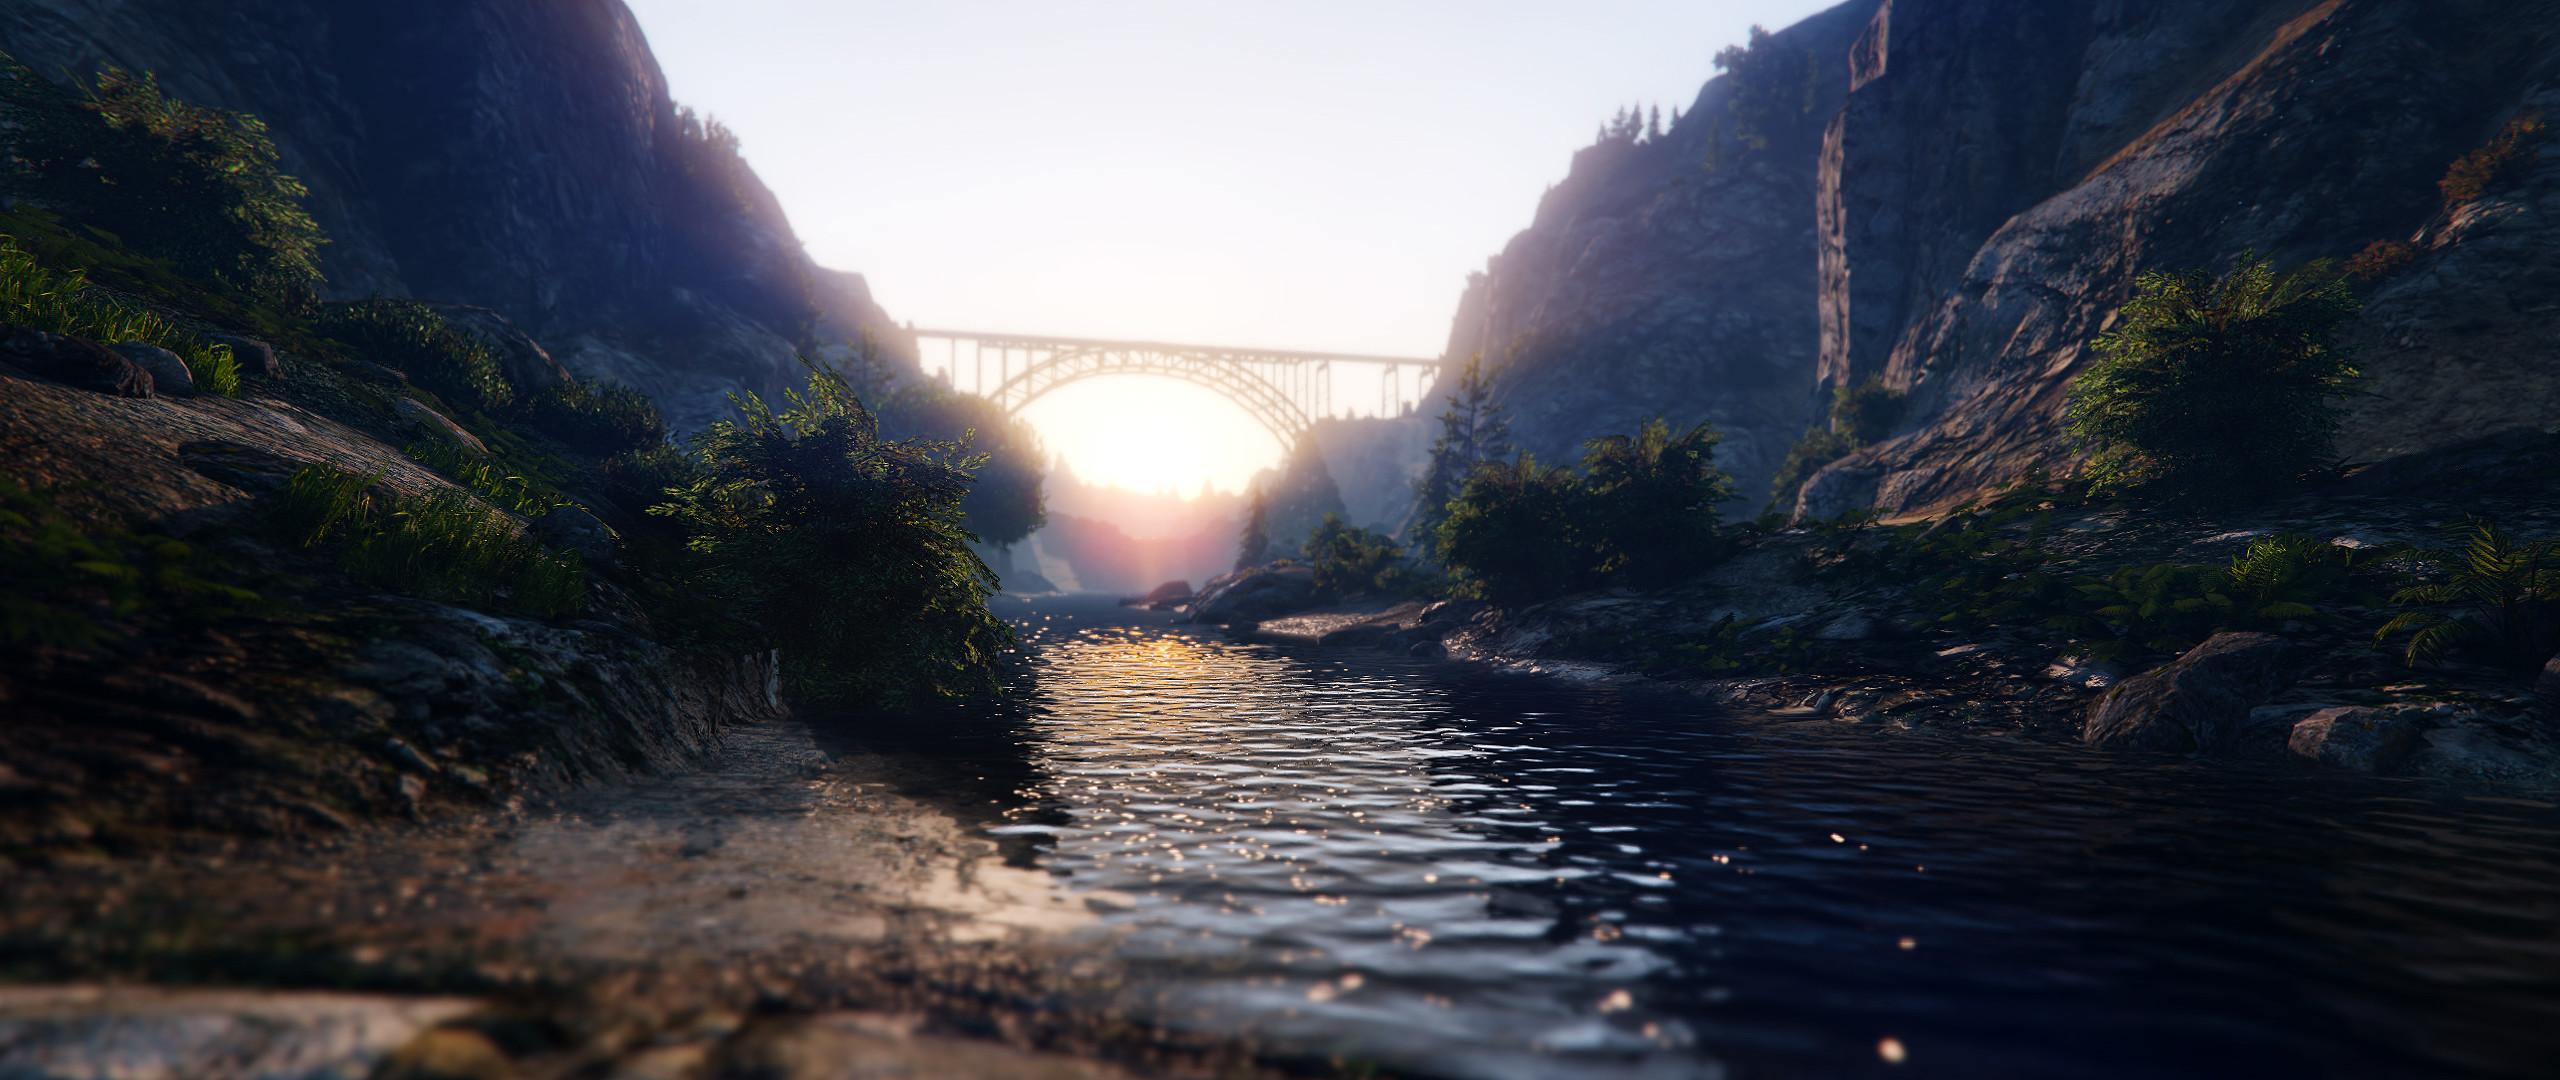 GTA V 4K Wallpaper (58+ Images